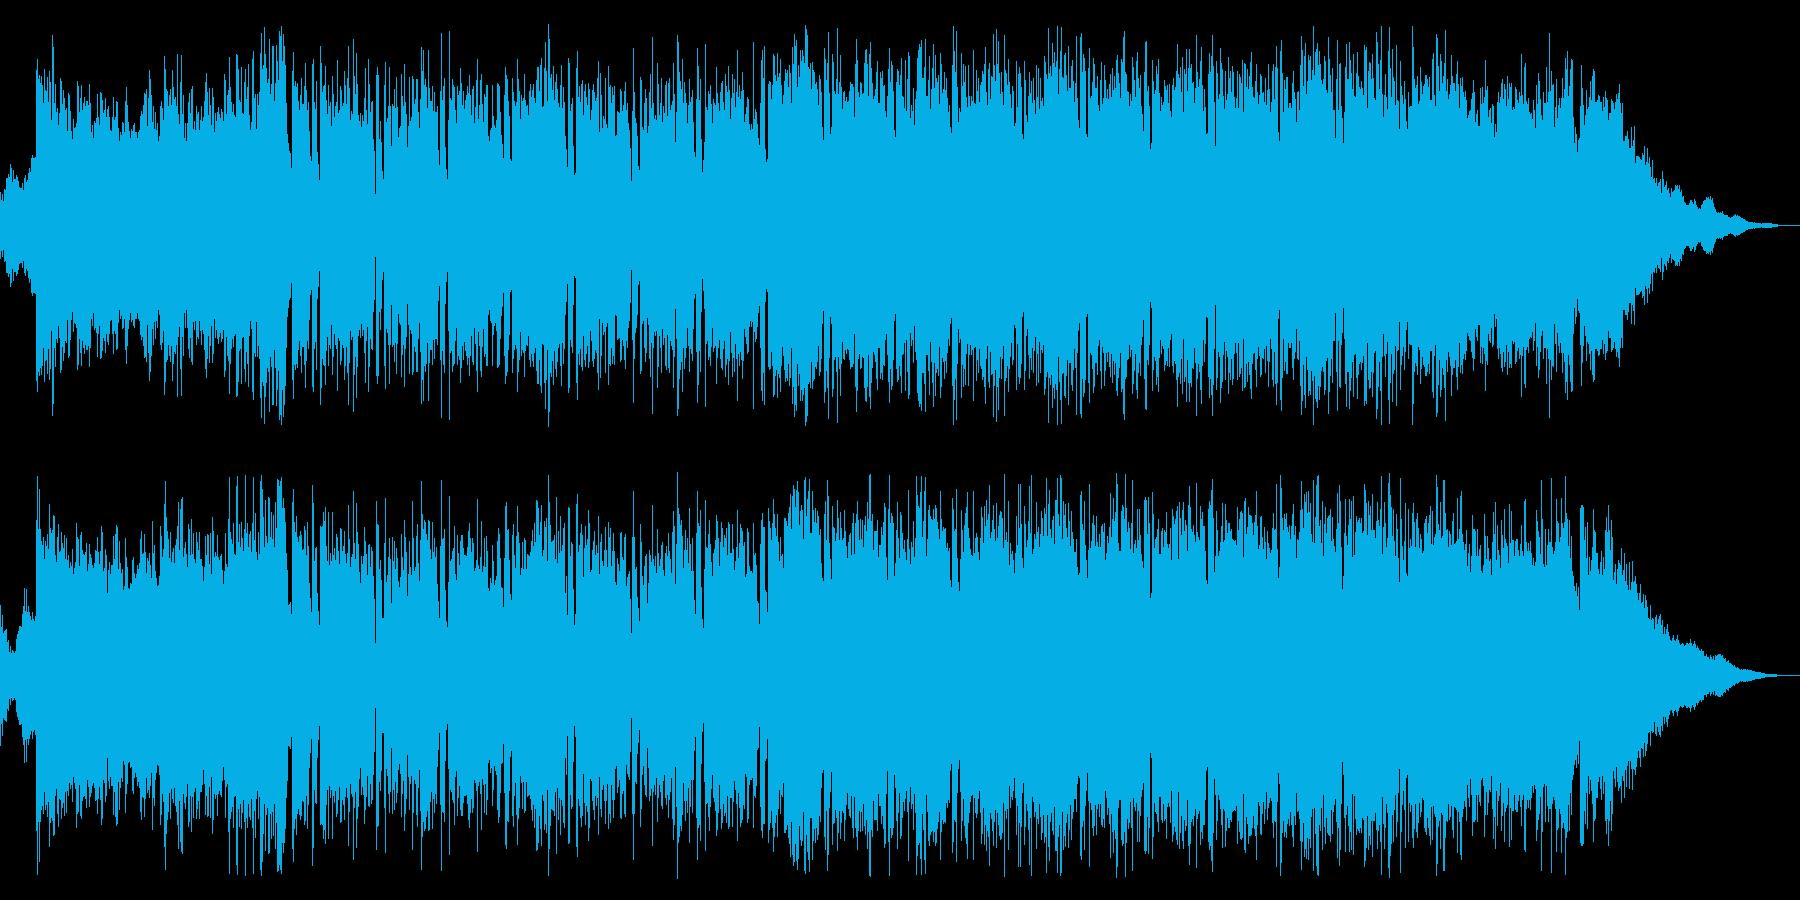 スタイリッシュで近未来的な明るいポップスの再生済みの波形